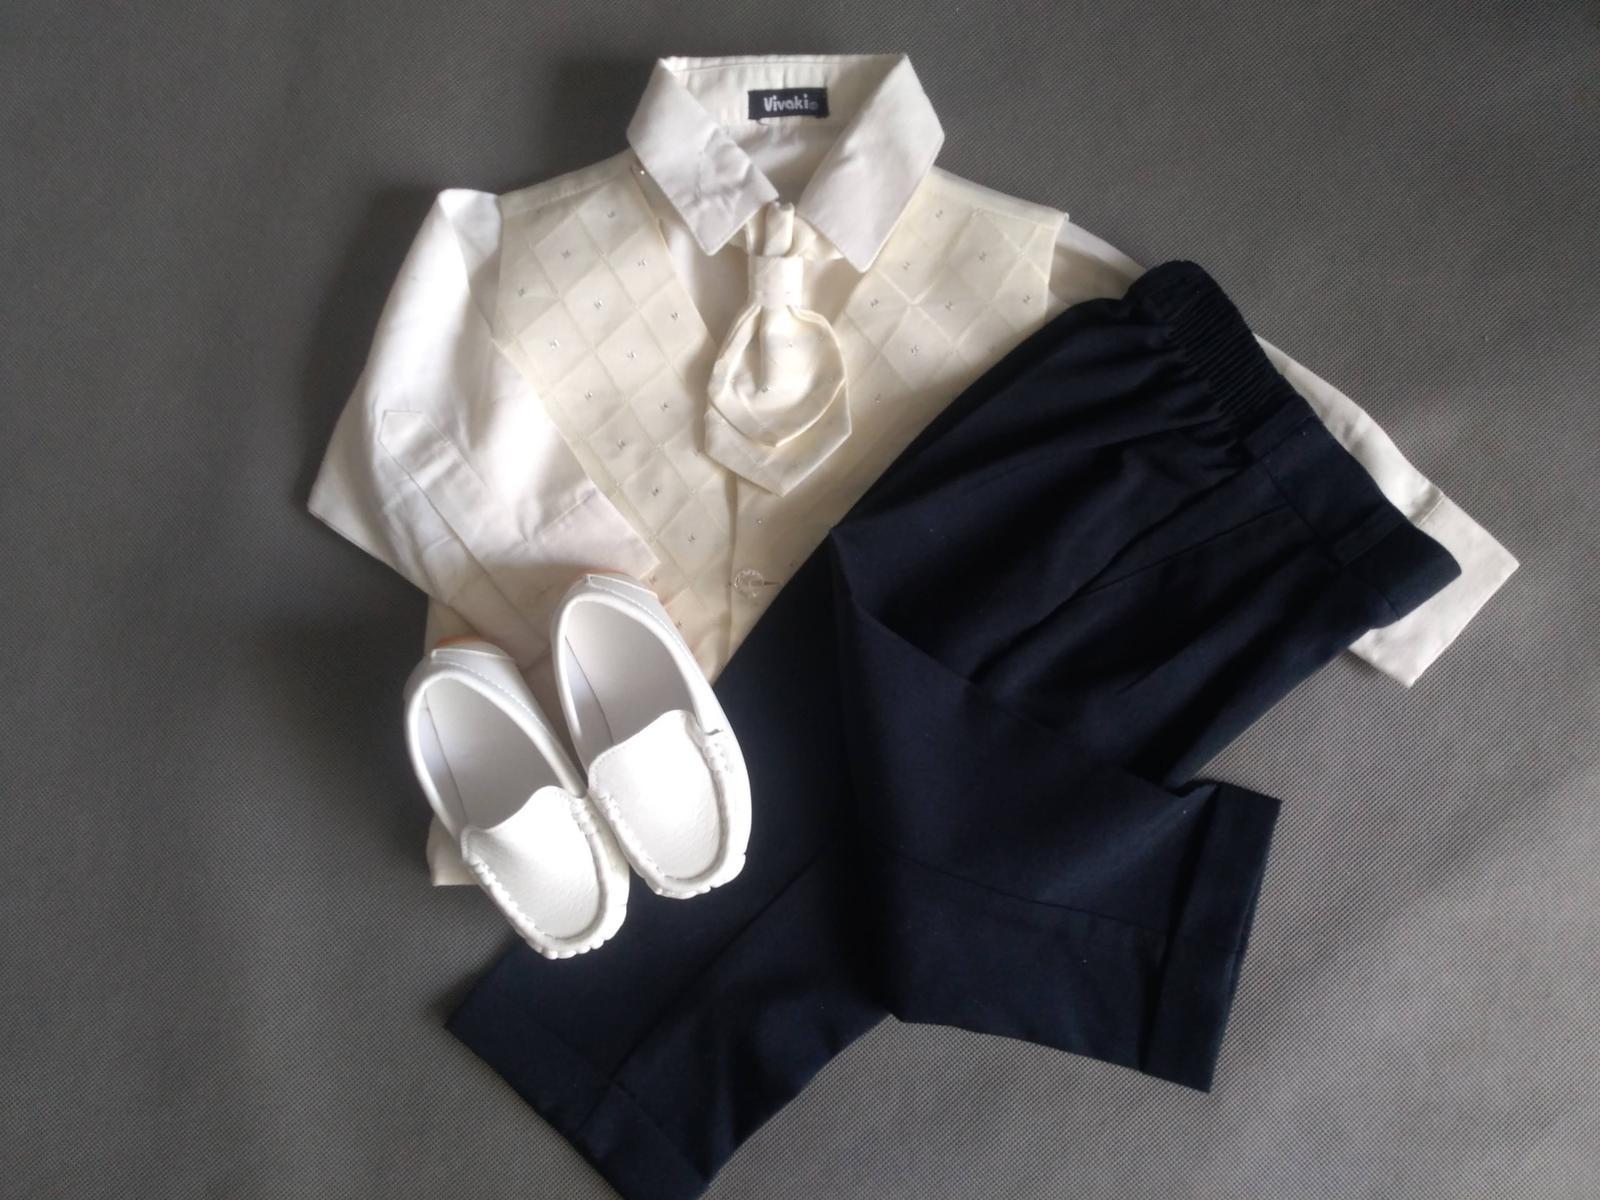 SKLADEM - k zapůjčení ivory oblek 12-18 měsíců - Obrázek č. 1